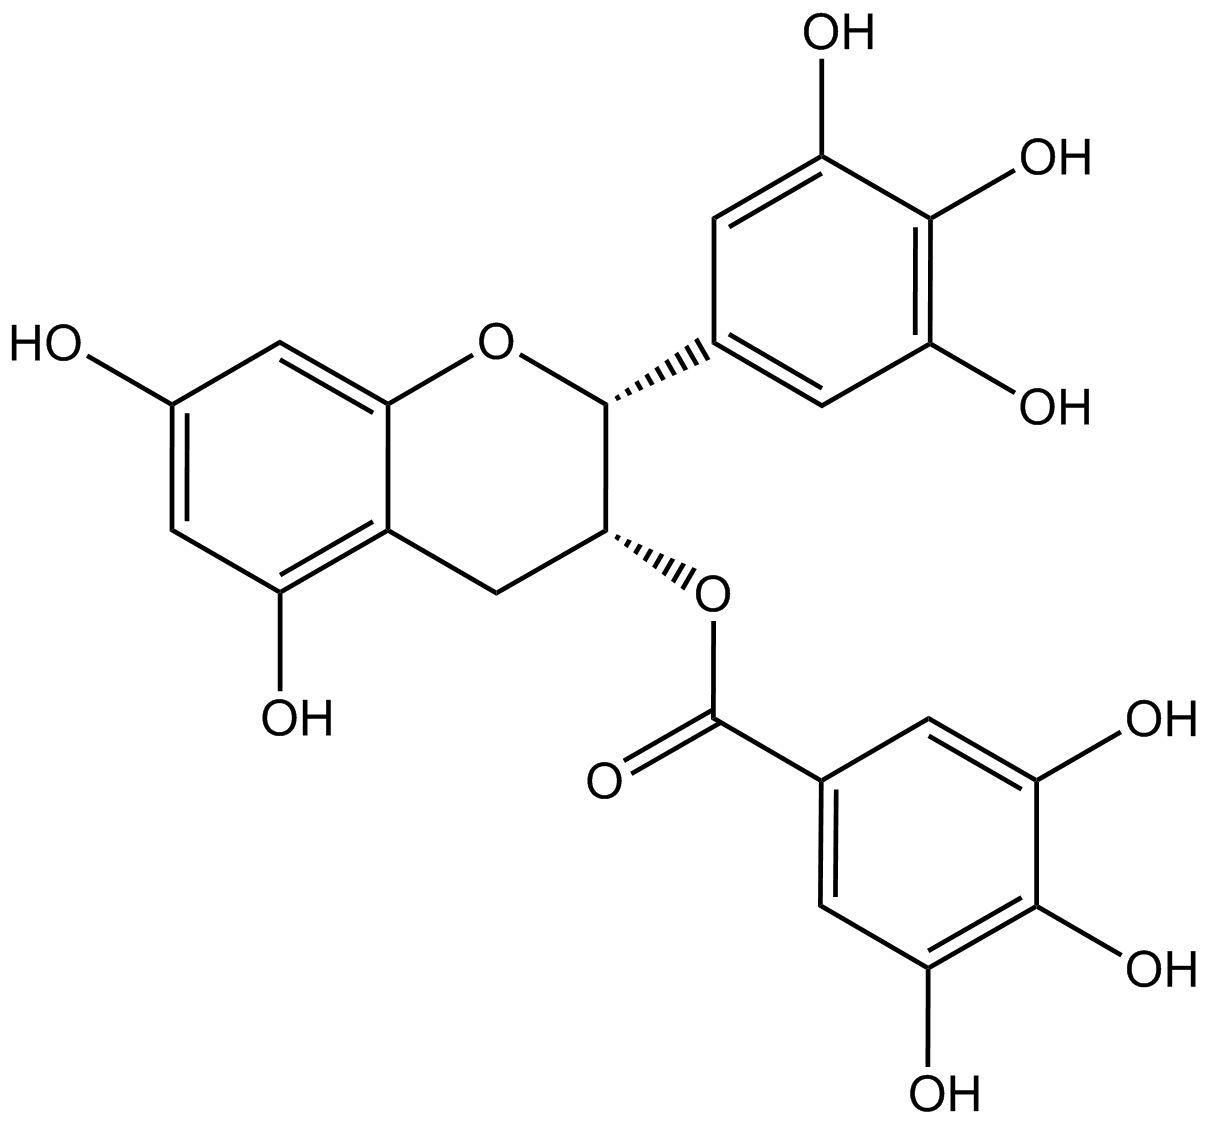 (-)-epigallocatechin 3-gallate